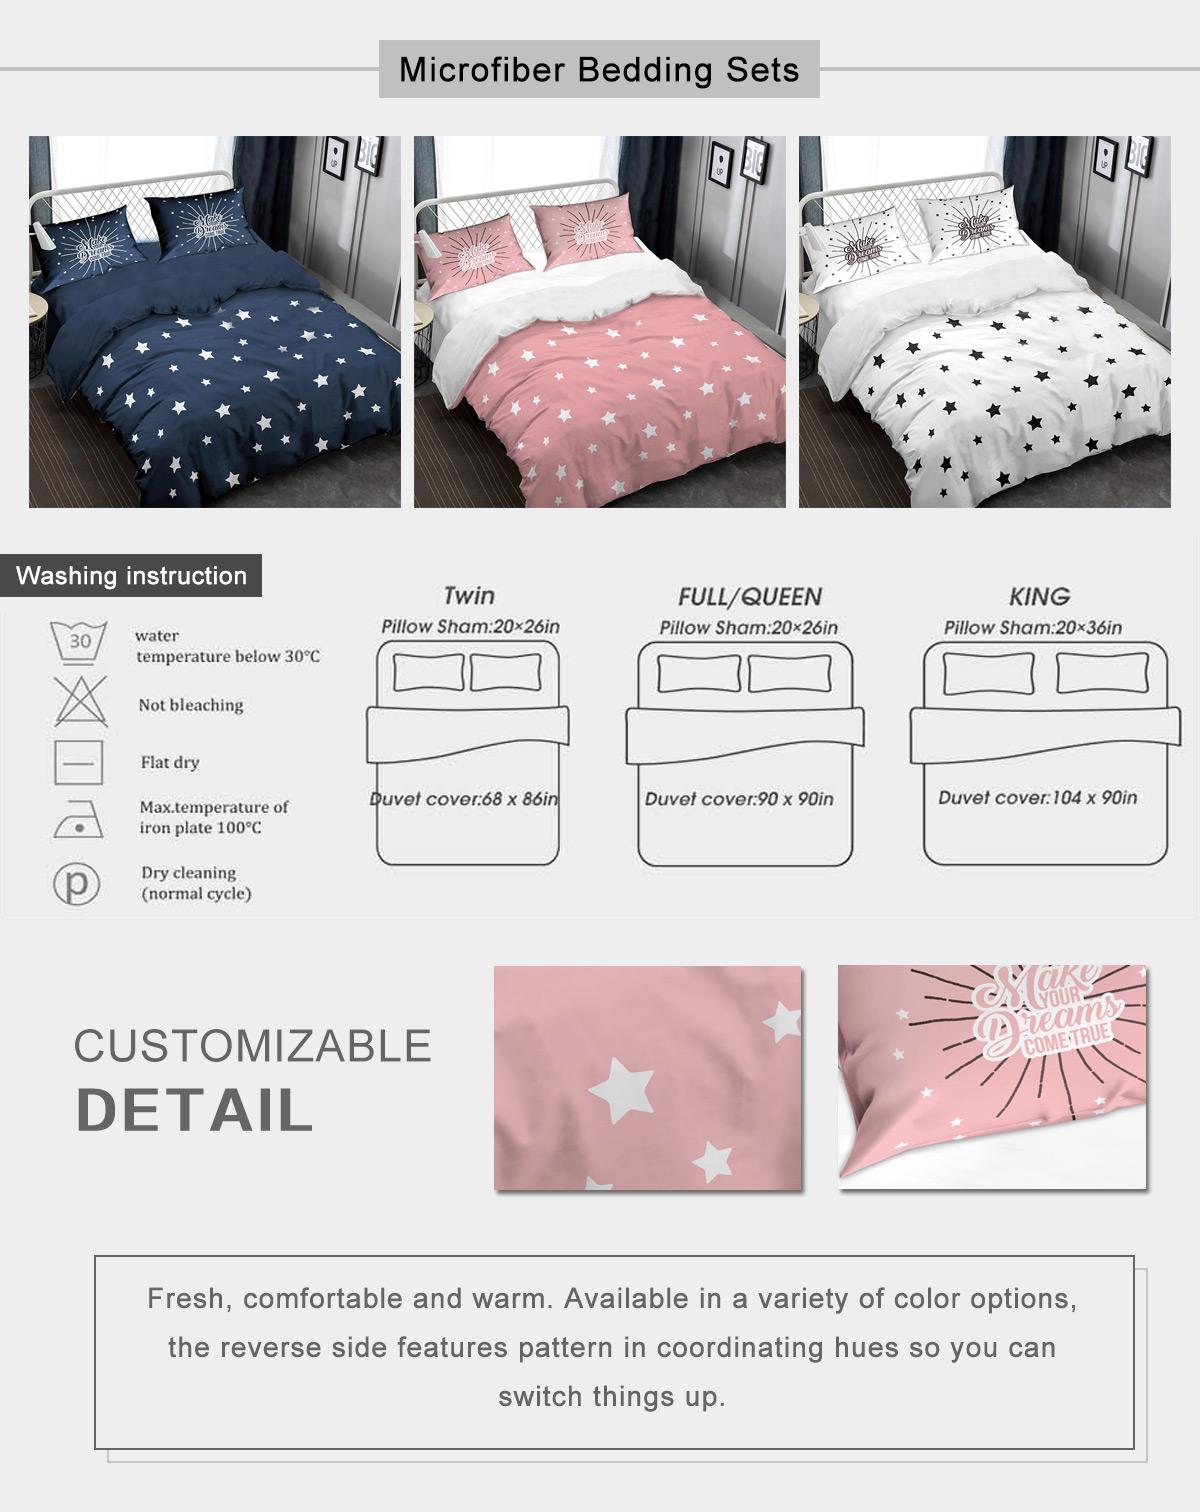 Microfiber Bedding Sets